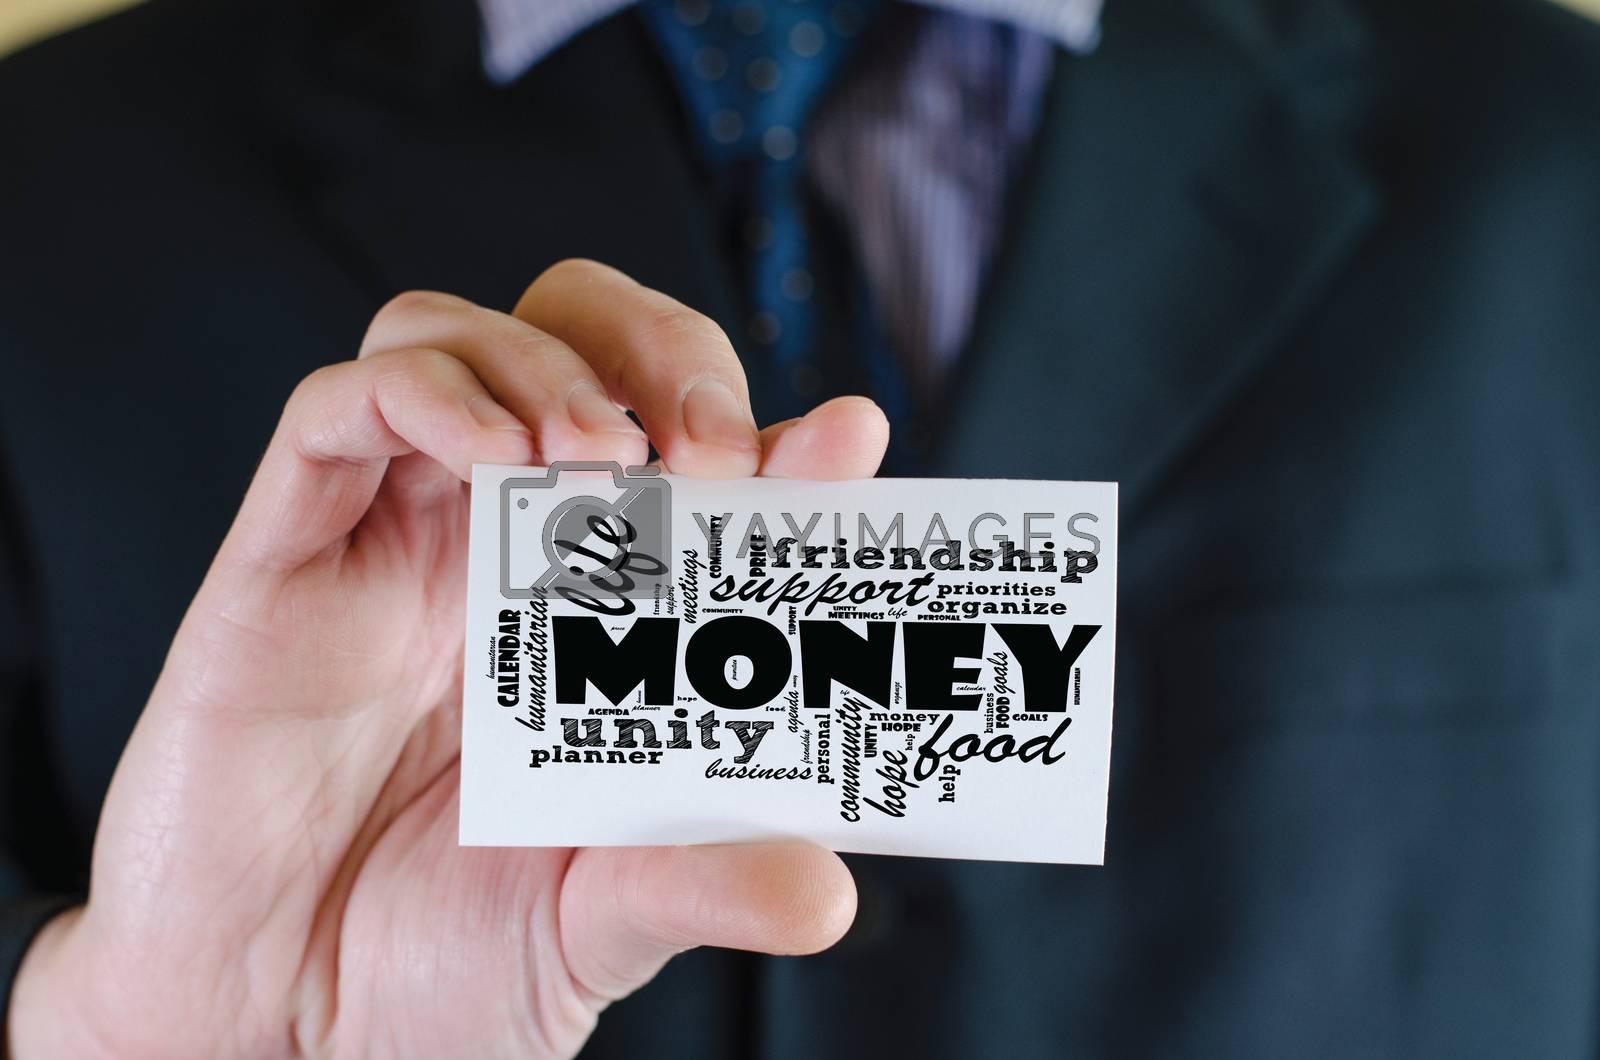 Money word cloud business concept